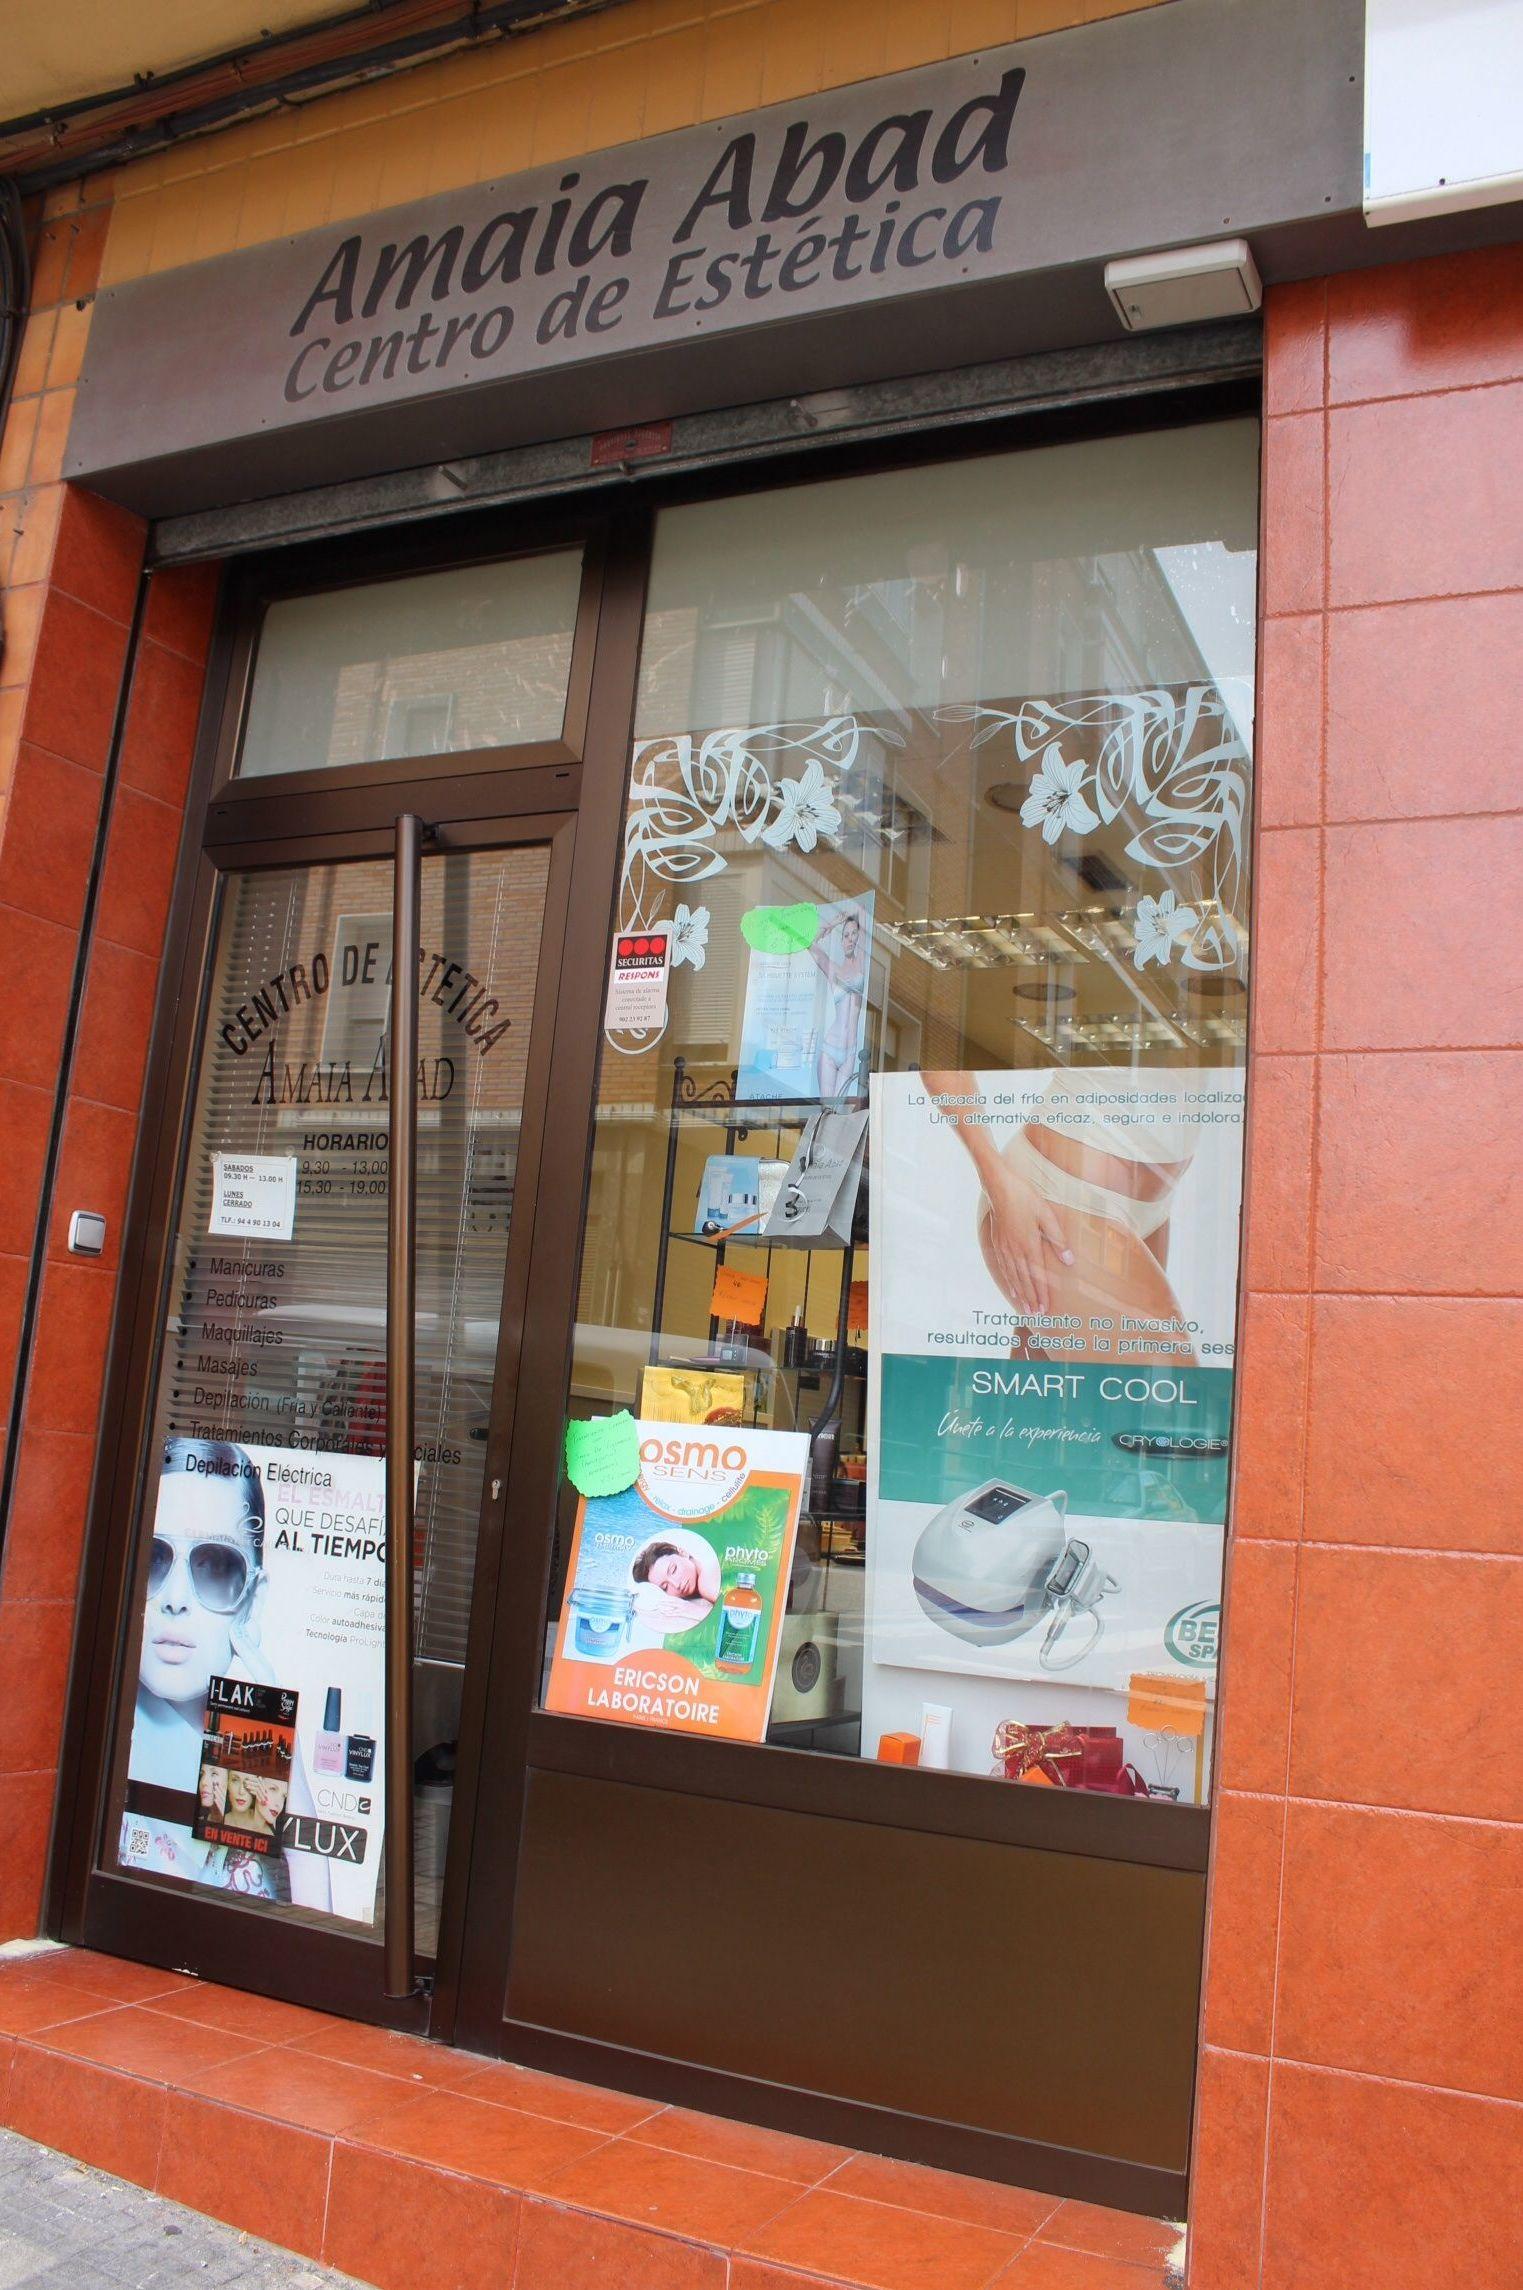 Foto 9 de Centros de estética en Barakaldo | Centro de Estética Amaia Abad